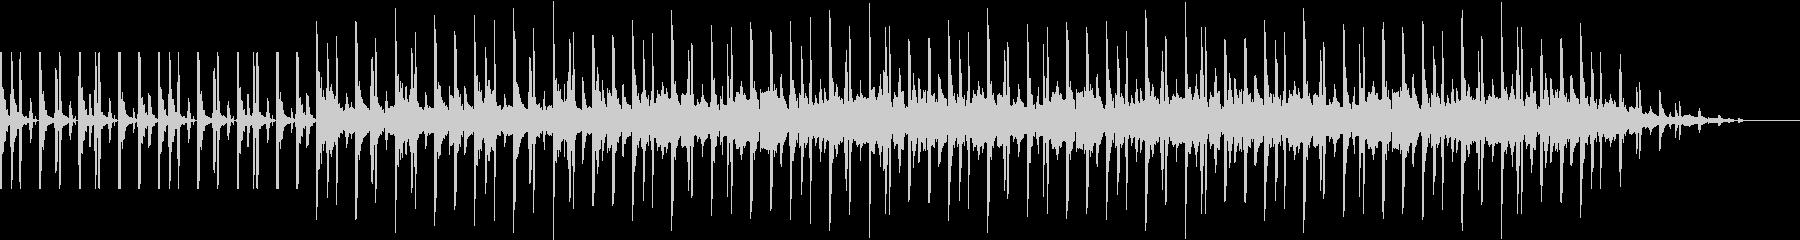 シンキングBGMの未再生の波形